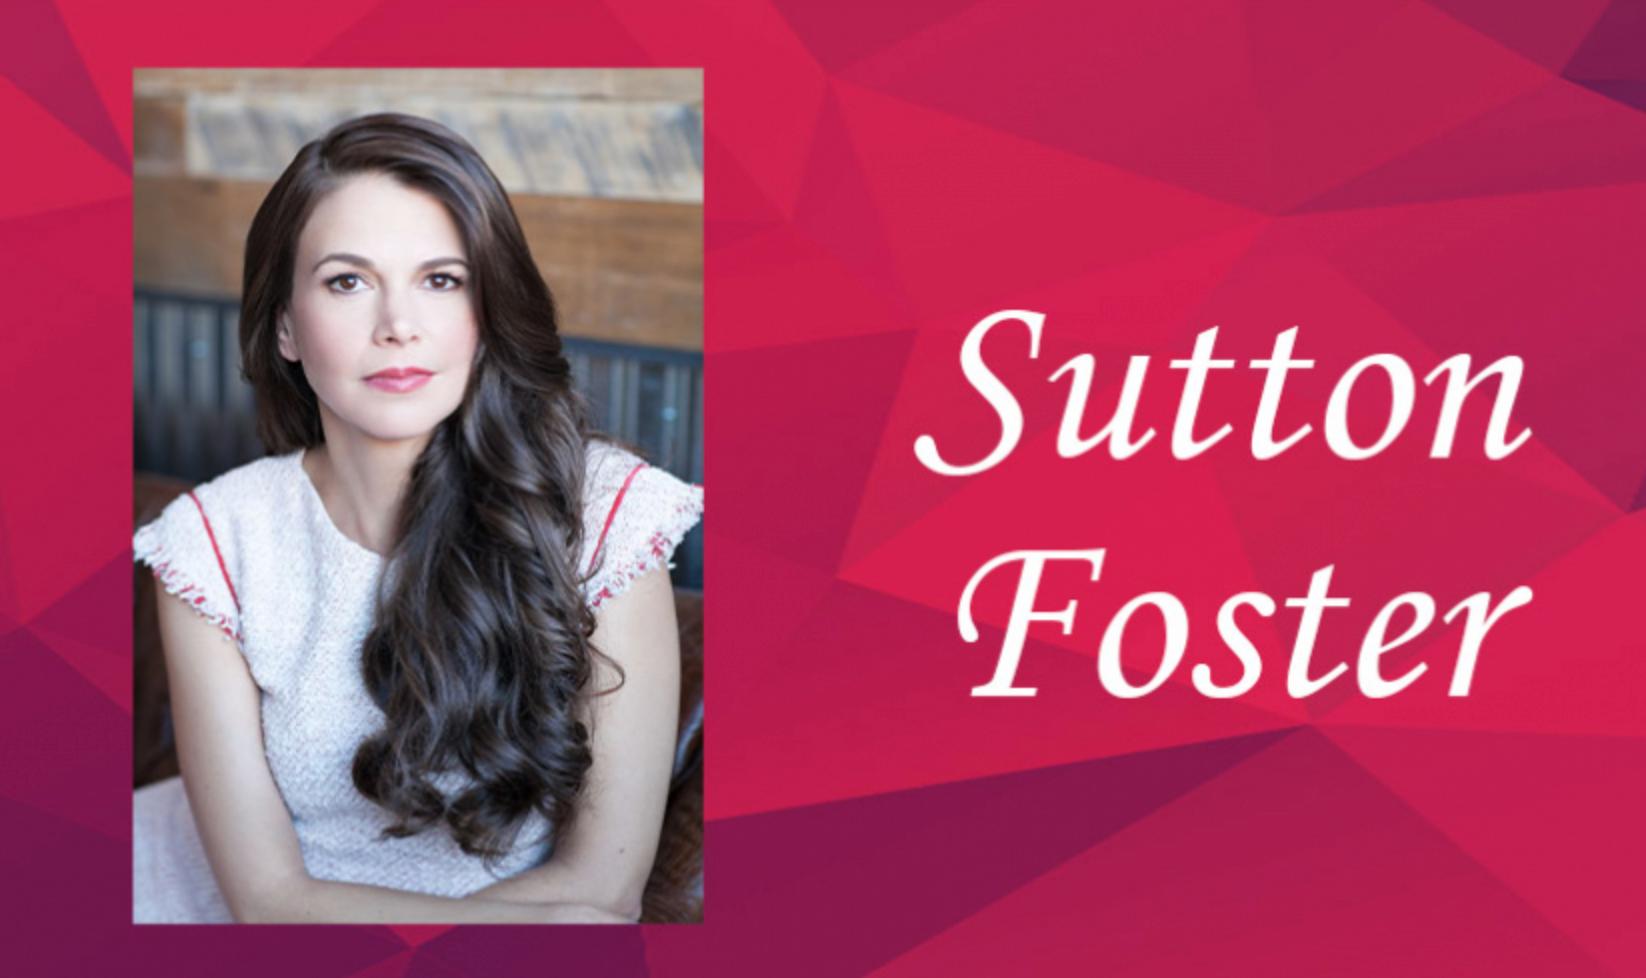 Sutton Foster Brings Her Broadway Best to Irvine